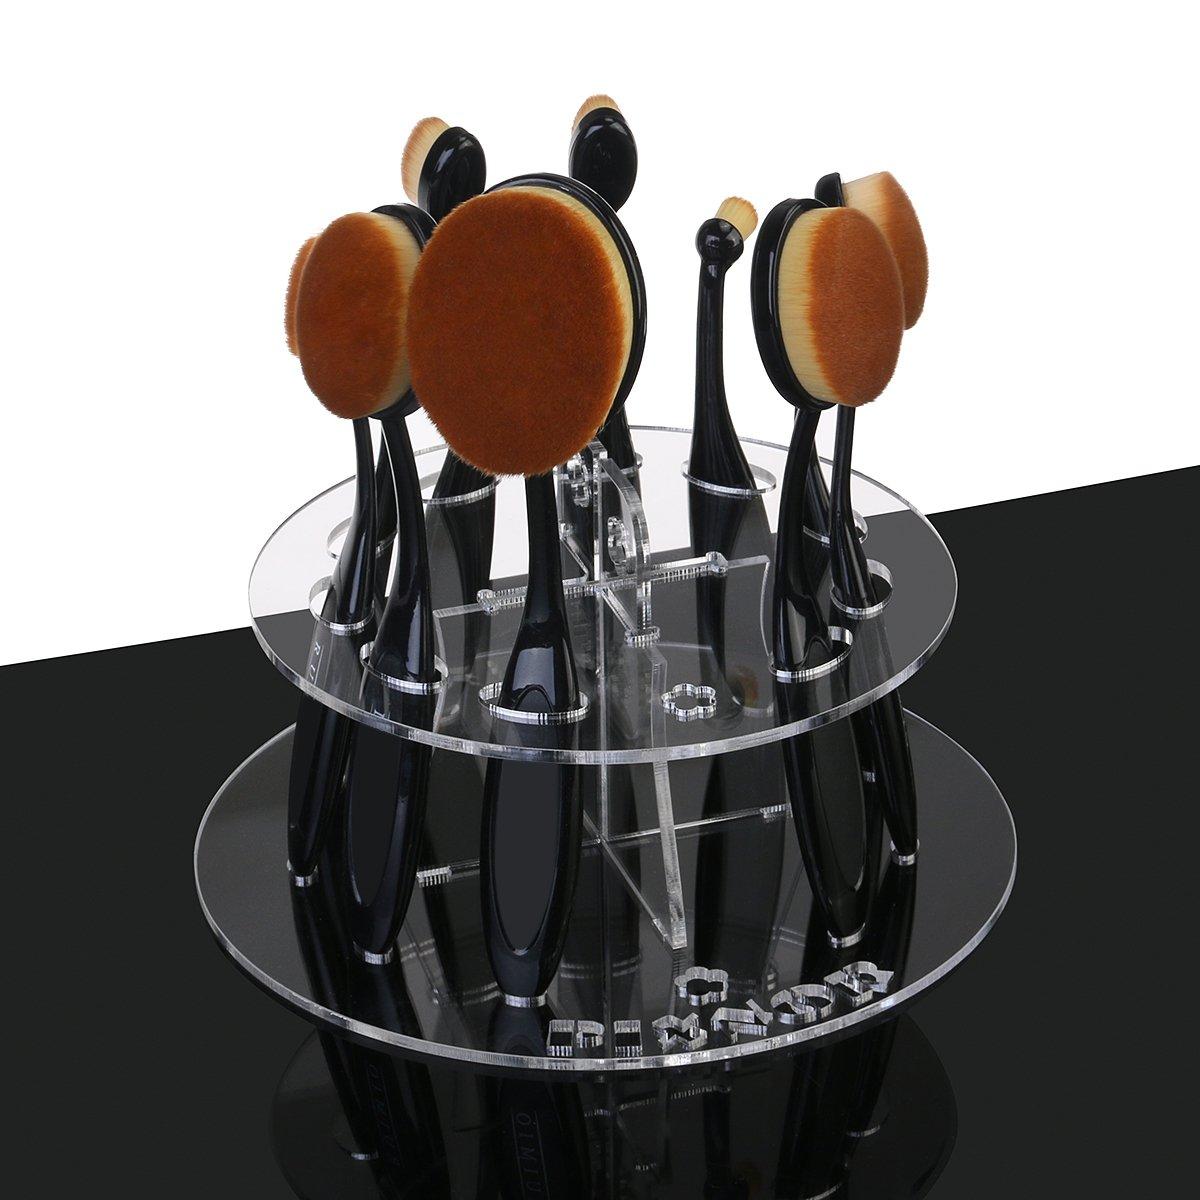 Makeup Brushes Holder Toothbrush Holder Vanity Drying Rack Acrylic Desk Organizer, 10 Slot